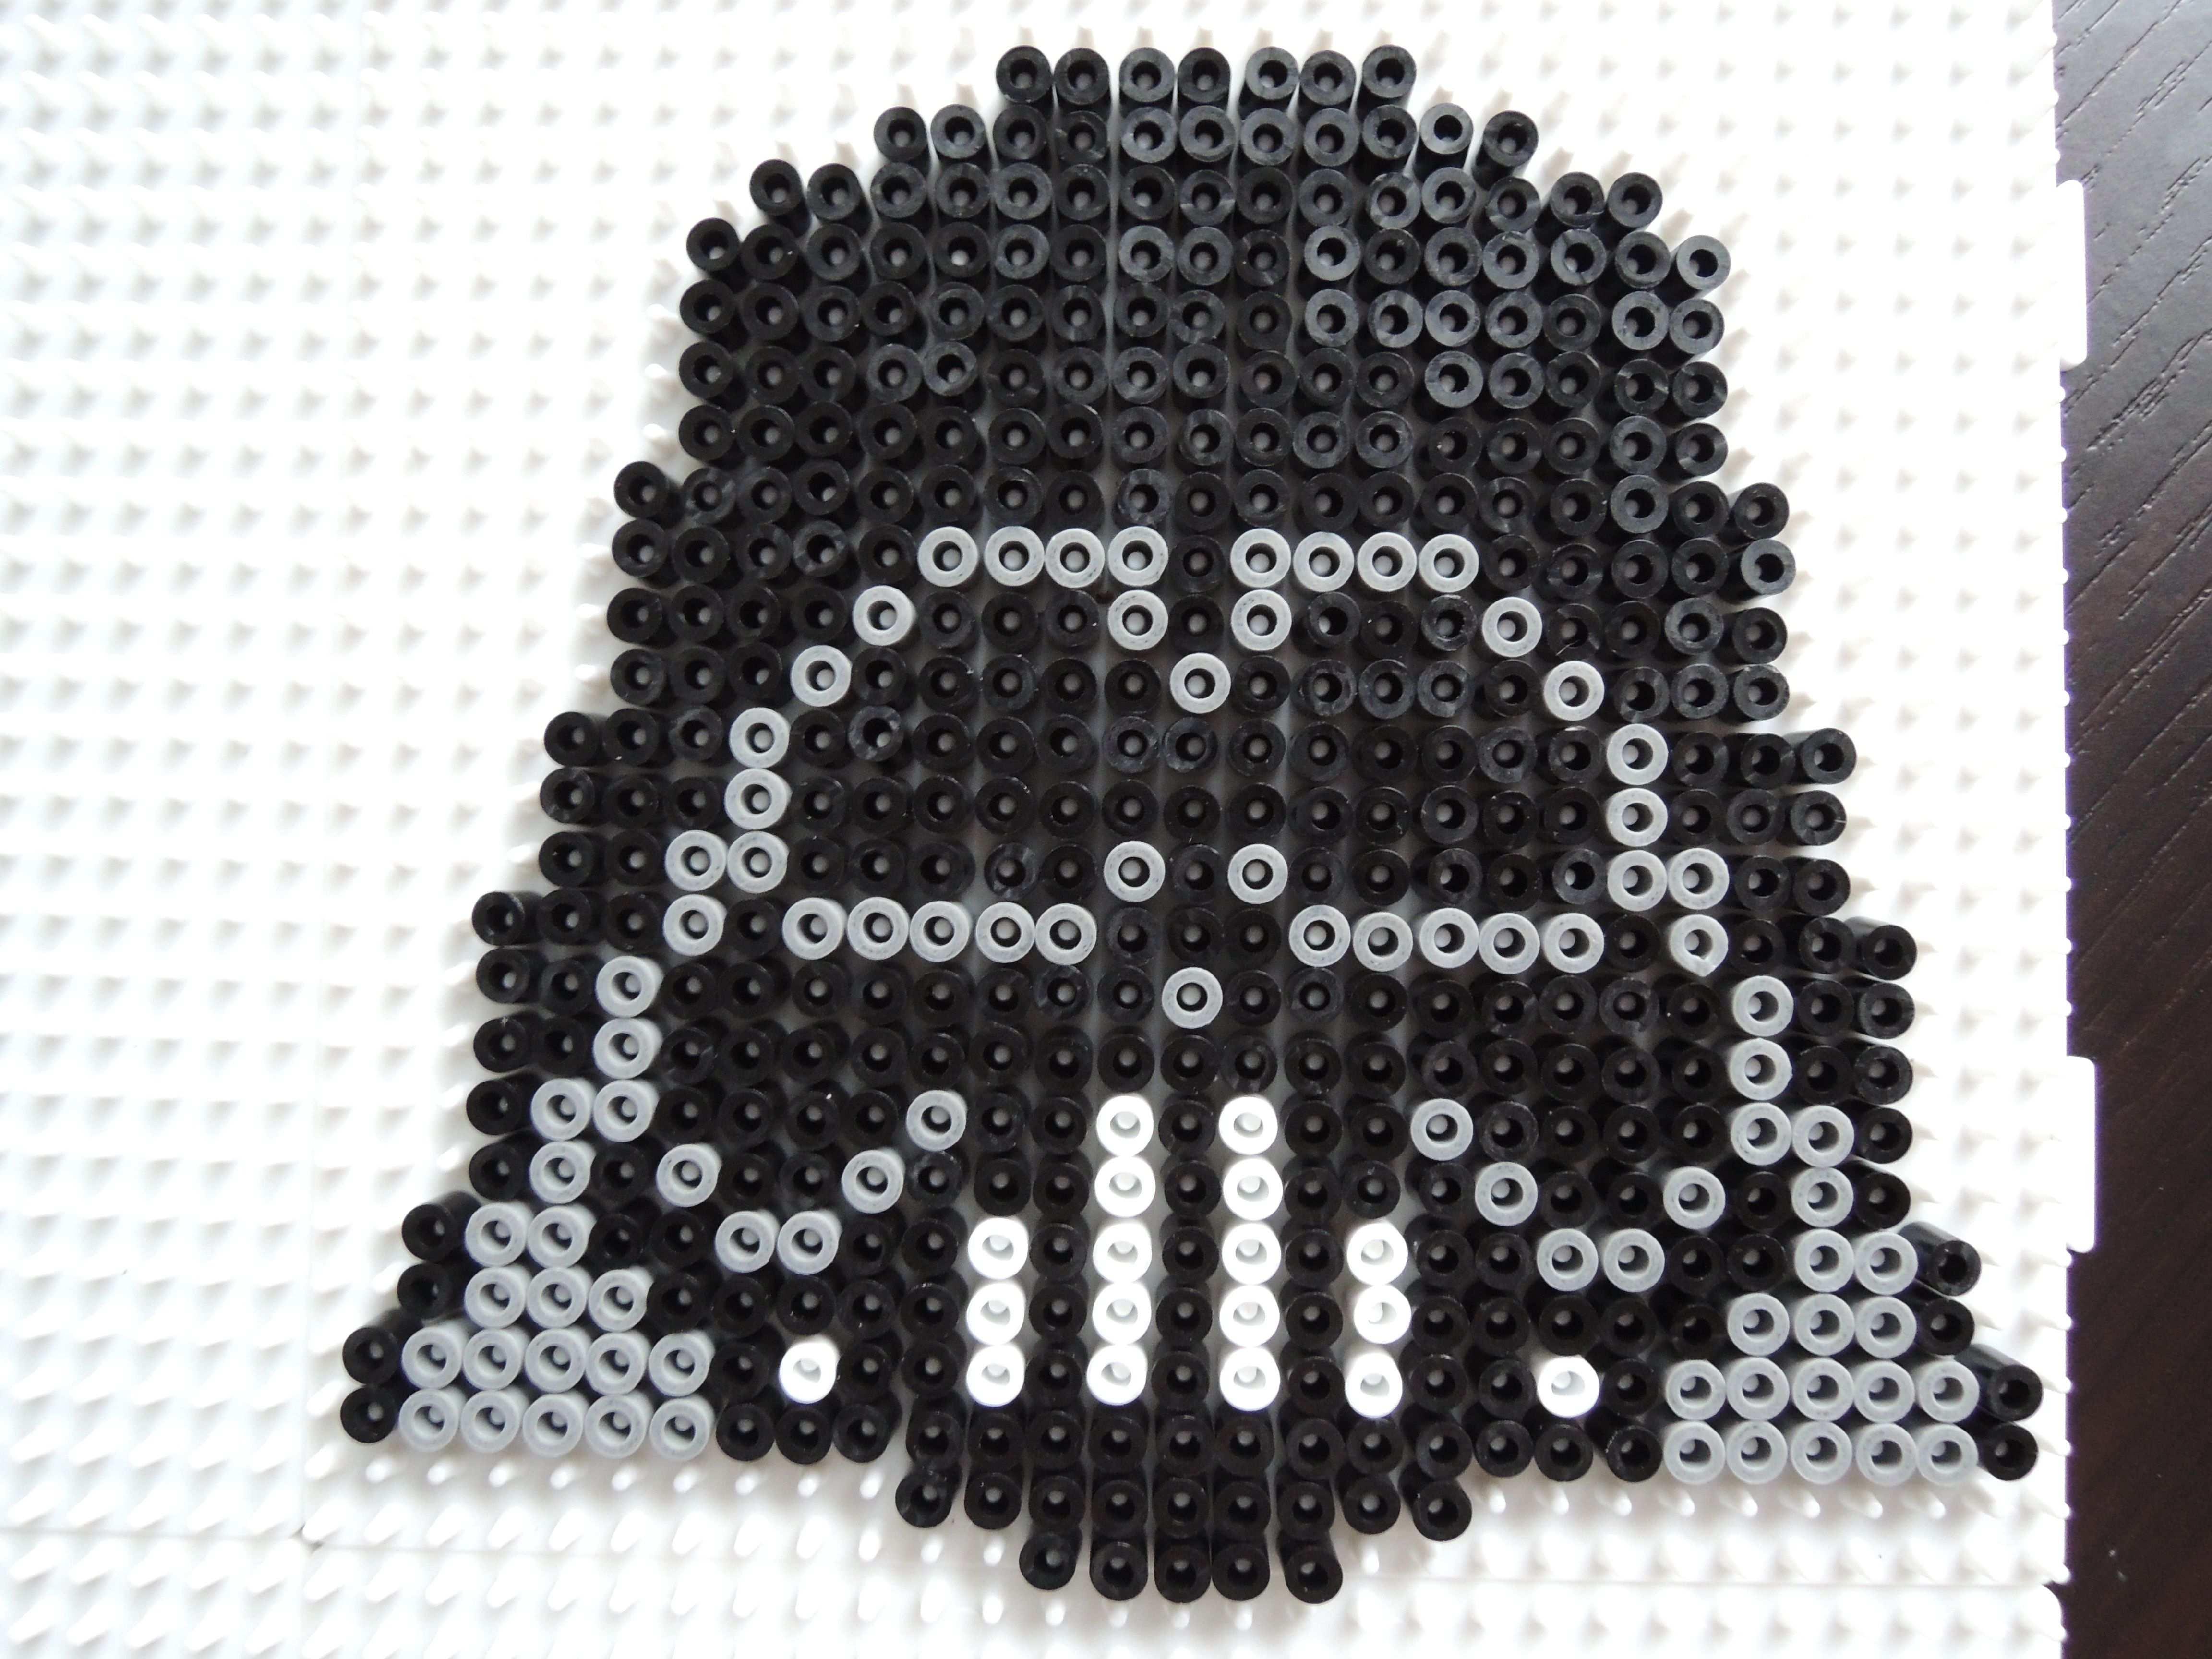 Darth Vader Aus Bugelperlen Perler Beads By Baumberger Entdecker Diy Perler Beads Perler Beads Designs Perler Beads